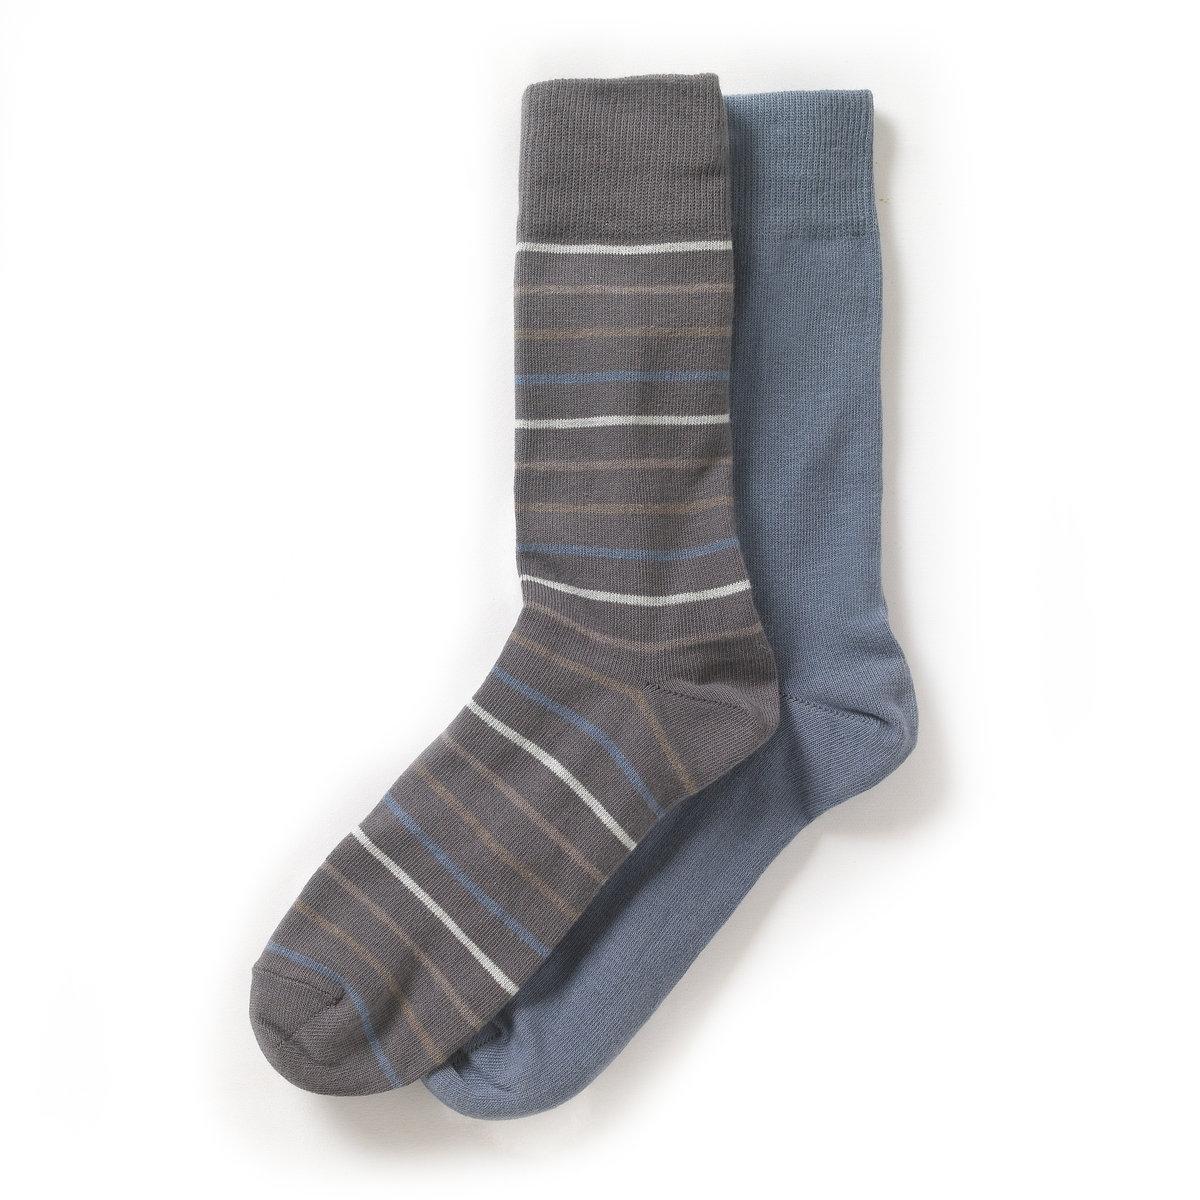 Комплект из 2 пар носковНоски: 74% хлопка, 25% полиамида, 1% эластана.  В комплекте 2 пары носков.<br><br>Цвет: серо-синий + в полоску серый,серо-синий + в полоску черный<br>Размер: 39/42.43/46